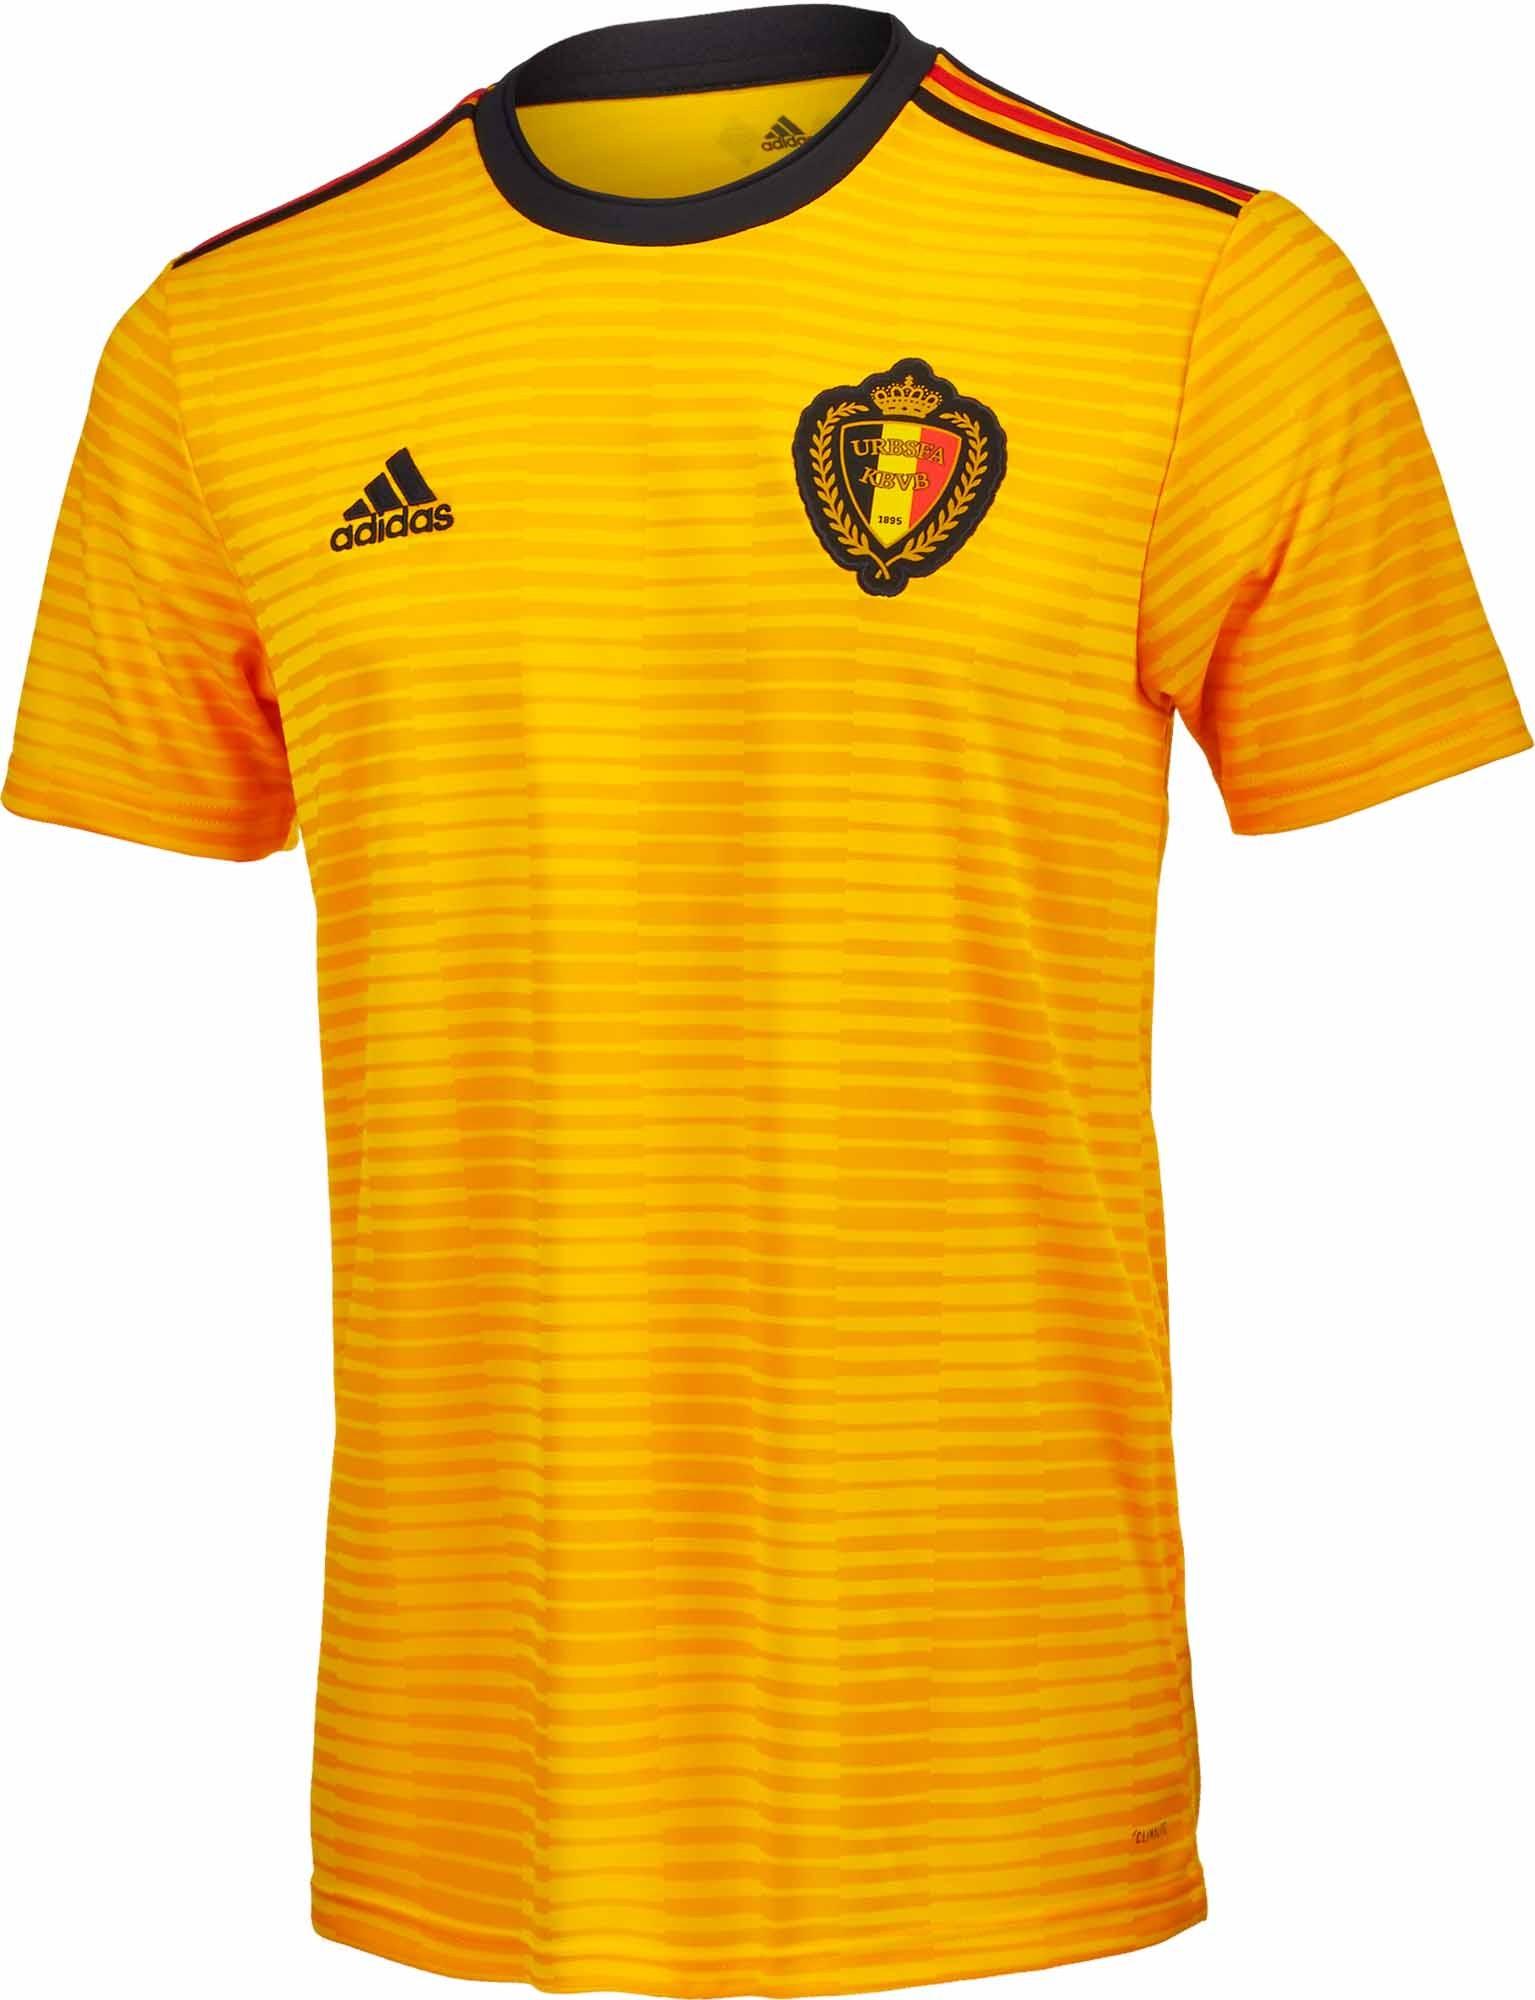 上一期文章为大家介绍了2018年世界杯F组球队的球衣情况。本期,小页将继续和球迷们一同欣赏本届世界杯G组四支球队的主客场球衣。 比利时(Adidas) 概况:欧洲区,FIFA排名:3  比利时国家队世界杯球衣品牌为阿迪达斯,复古仍是球衣的最突出特点。  比利时新款主场球衣以红色为主,最醒目的无疑是胸前的图案设计,这一灵感来源于1984年的主场球衣。  新款球衣保留了1984年球衣的菱形图案以及徽章居中的设计,不再使用黑色与白色,只保留红黄两色,徽章背景则改为深红,使球衣视觉效果更加一体化。  阿迪达斯标志